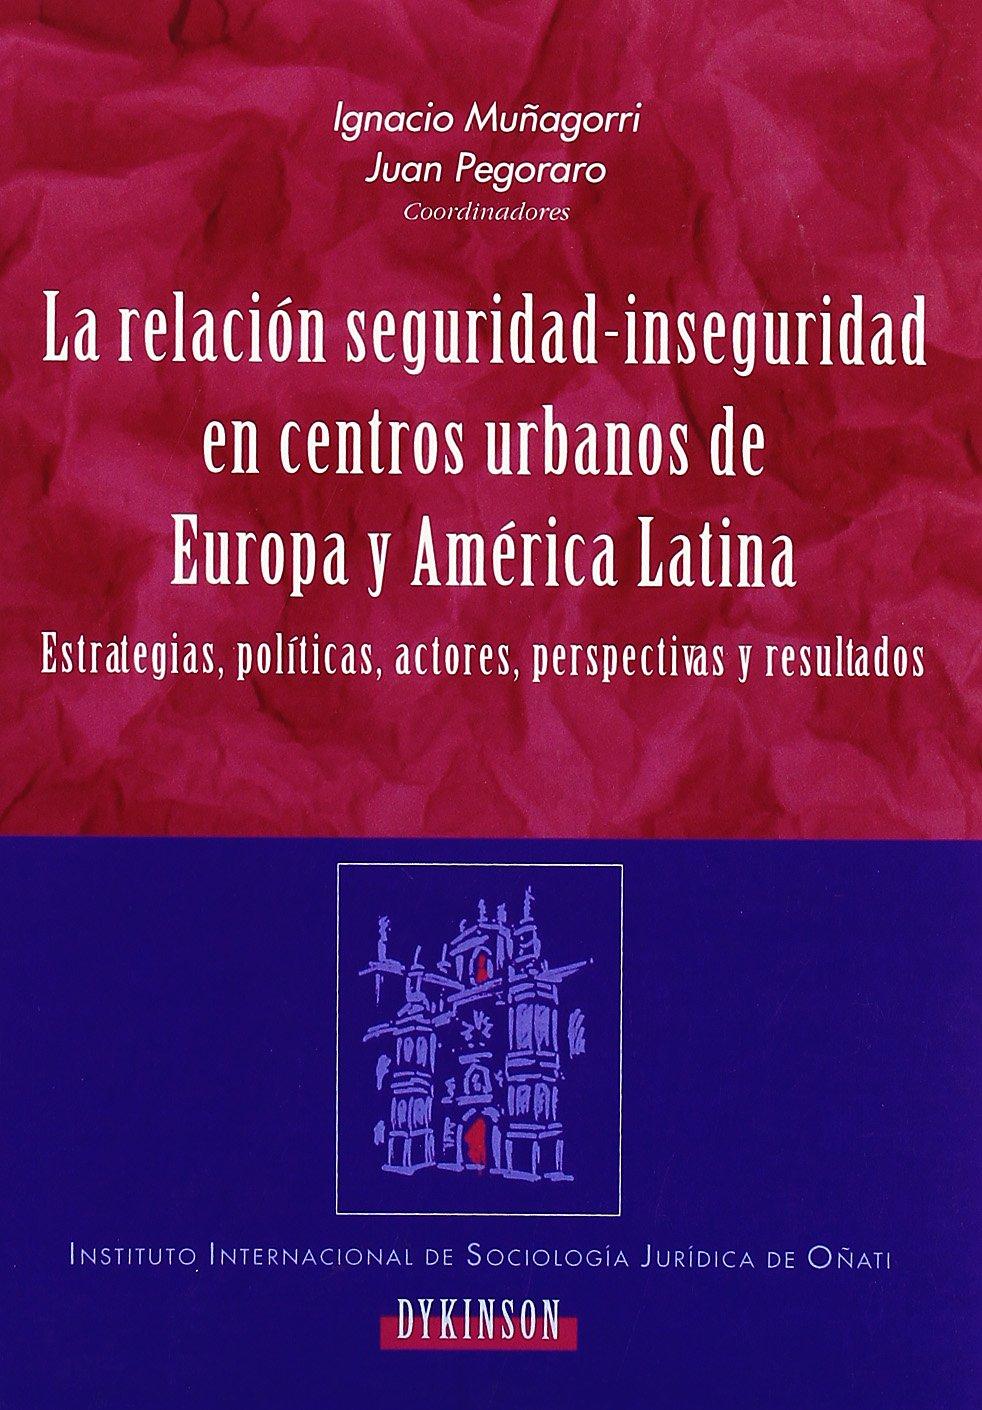 La Relación Seguridad-Inseguridad En Centros Urban (Spanish Edition): Ignaciomuñagorri Laguía: 9788497723763: Amazon.com: Books